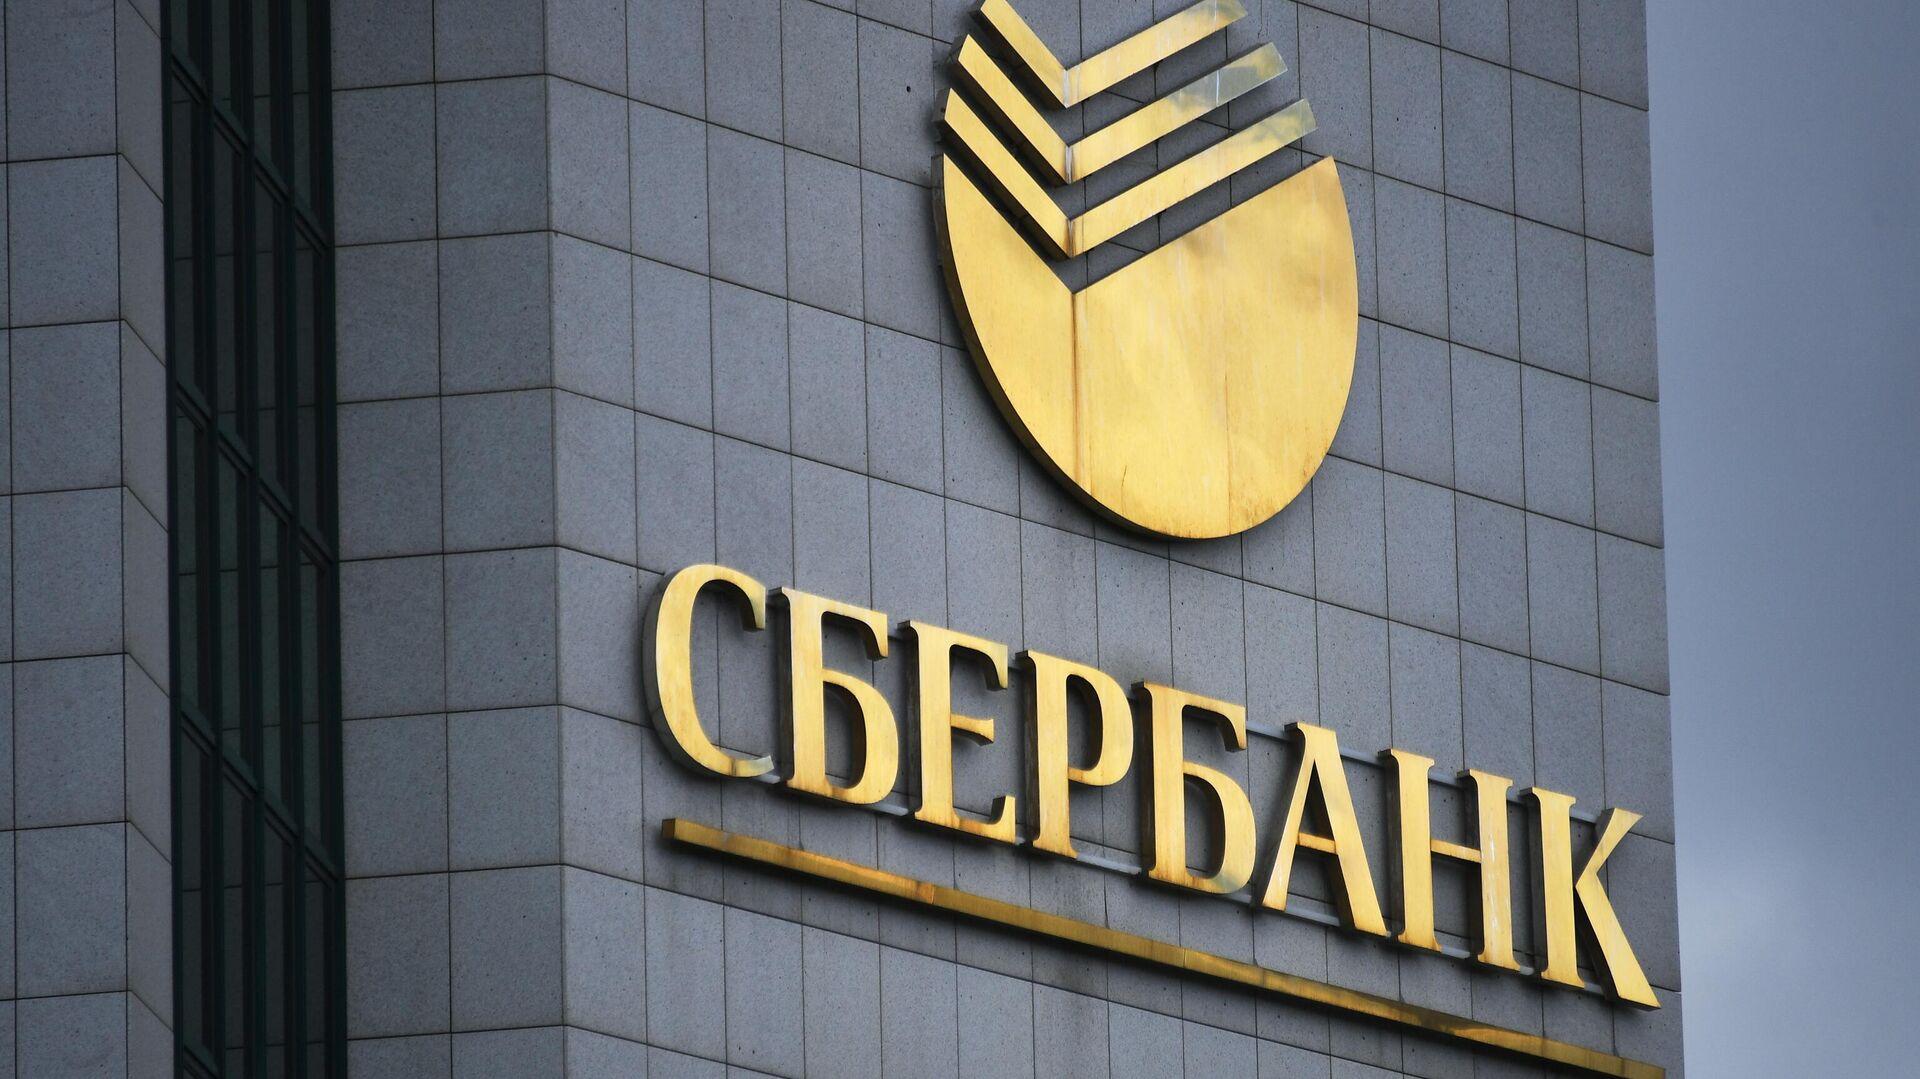 Логотип на главном здании Сбербанка на улице Вавилова в Москве - РИА Новости, 1920, 03.12.2020